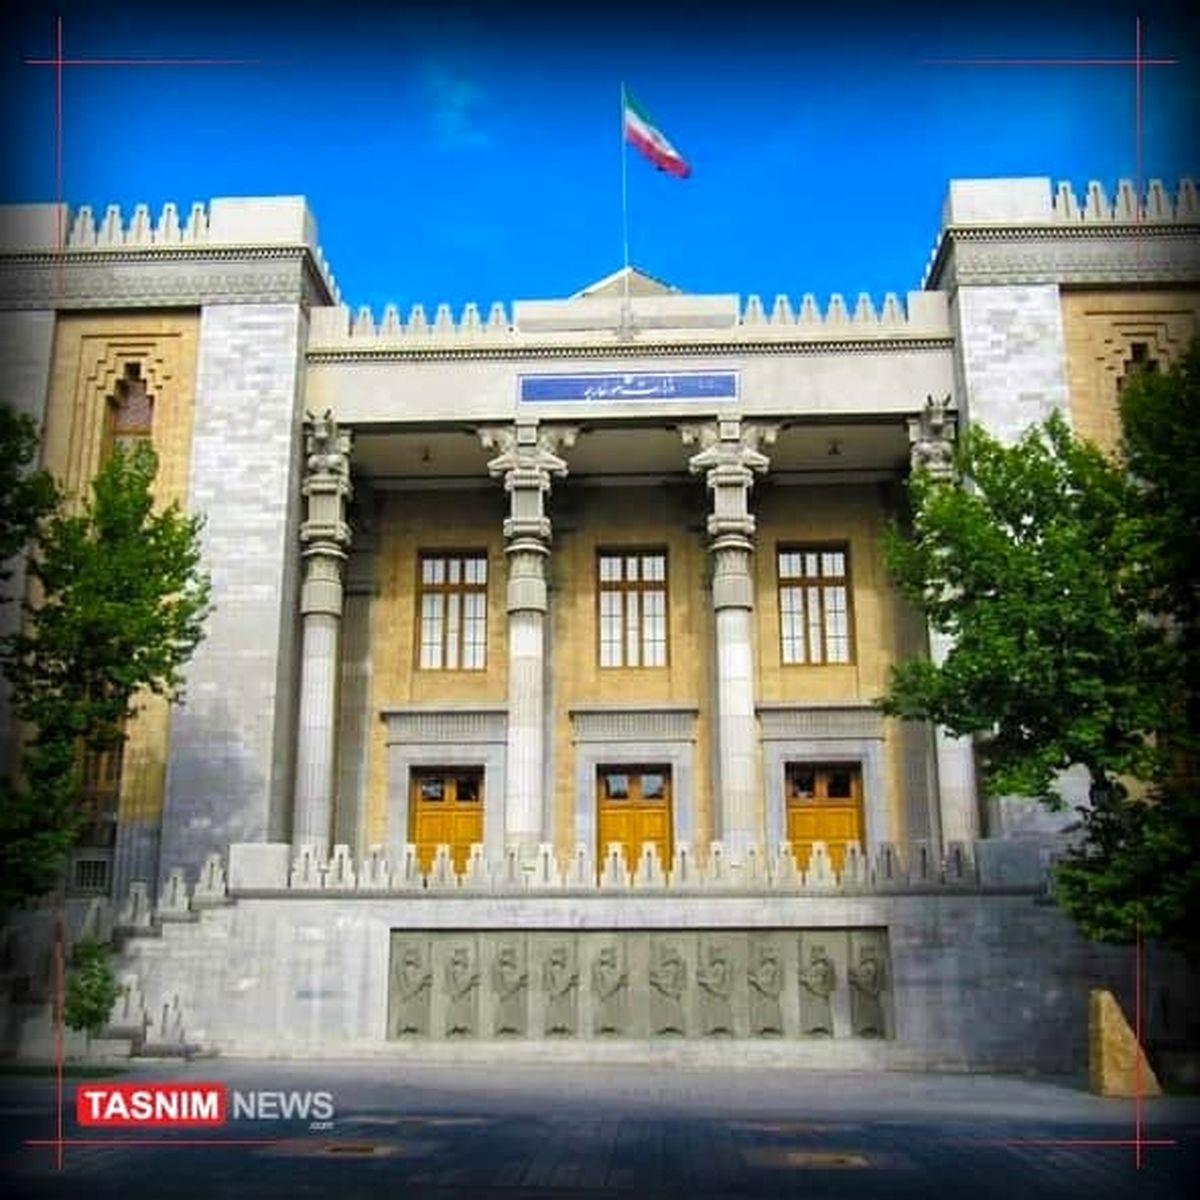 وزارت خارجه، سفیر پرتغال را احضار کرد